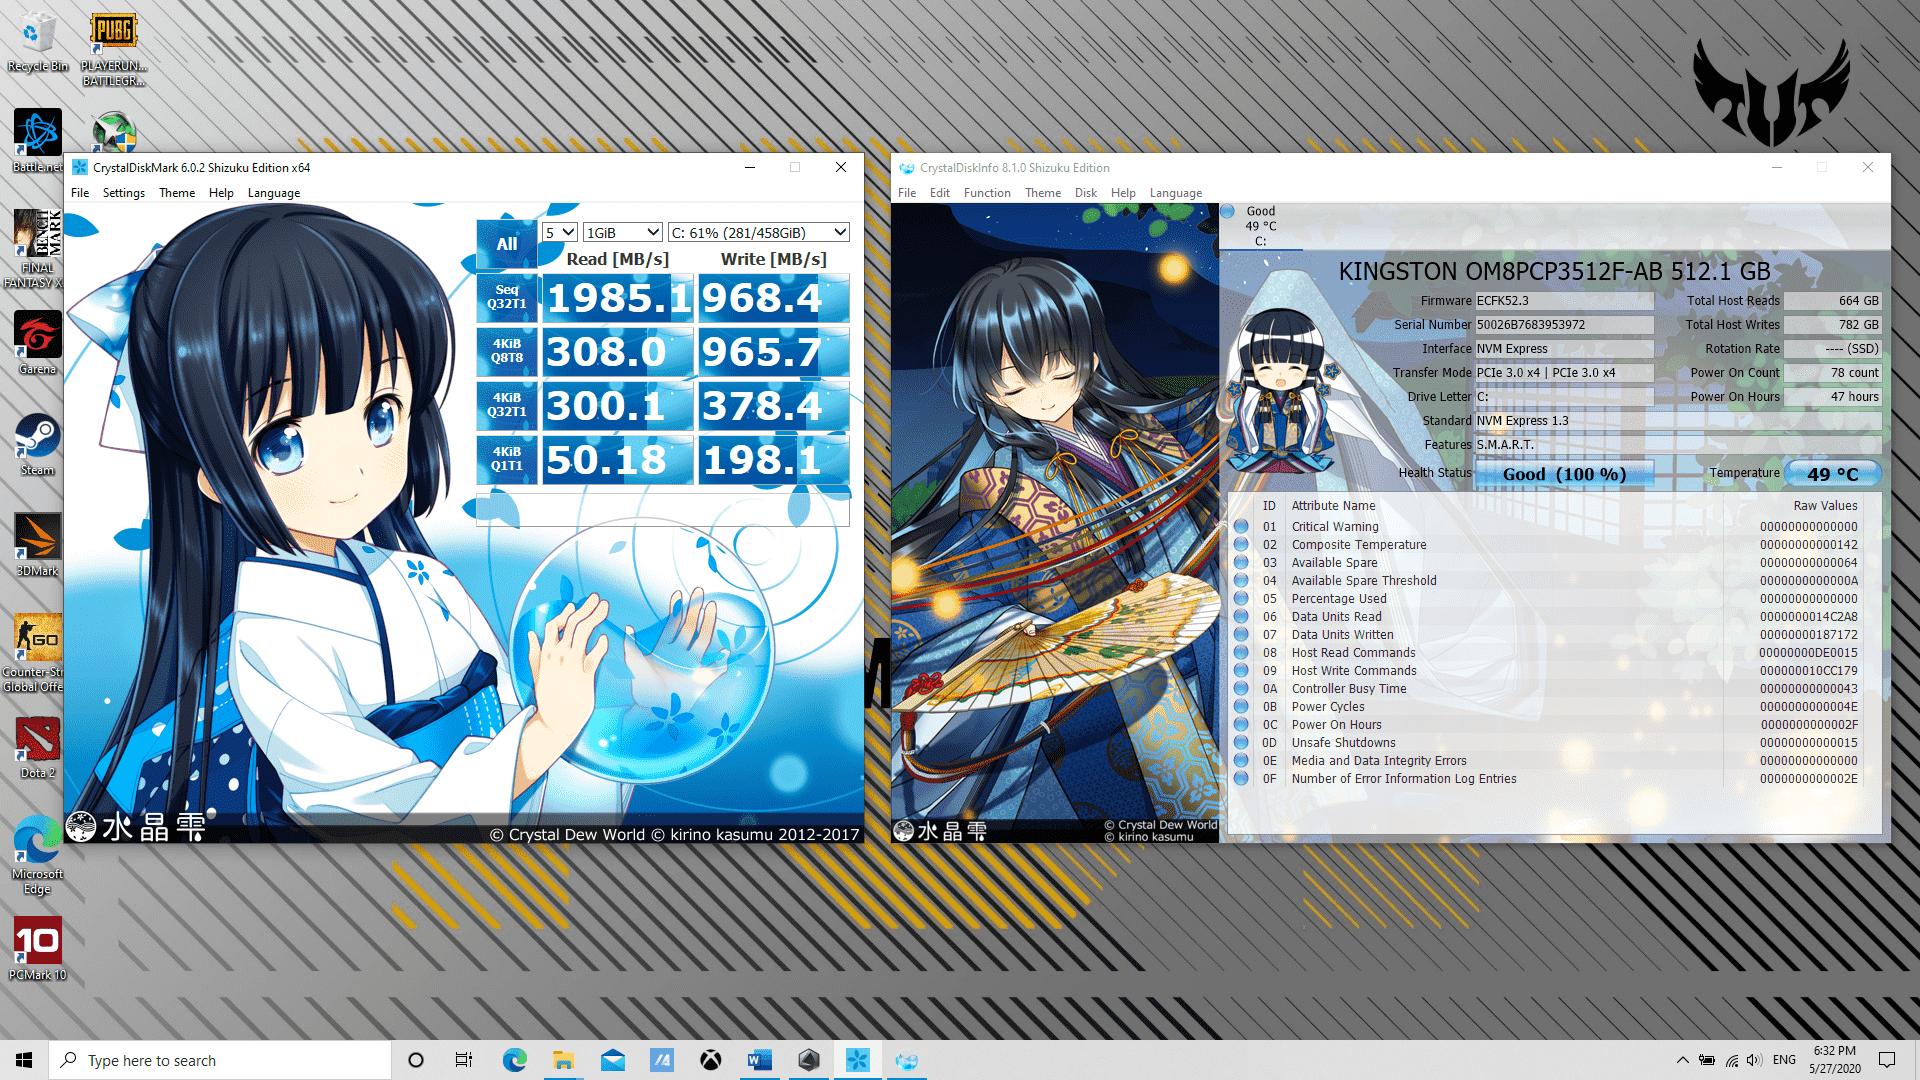 screenshot-16-min-1-png.10845